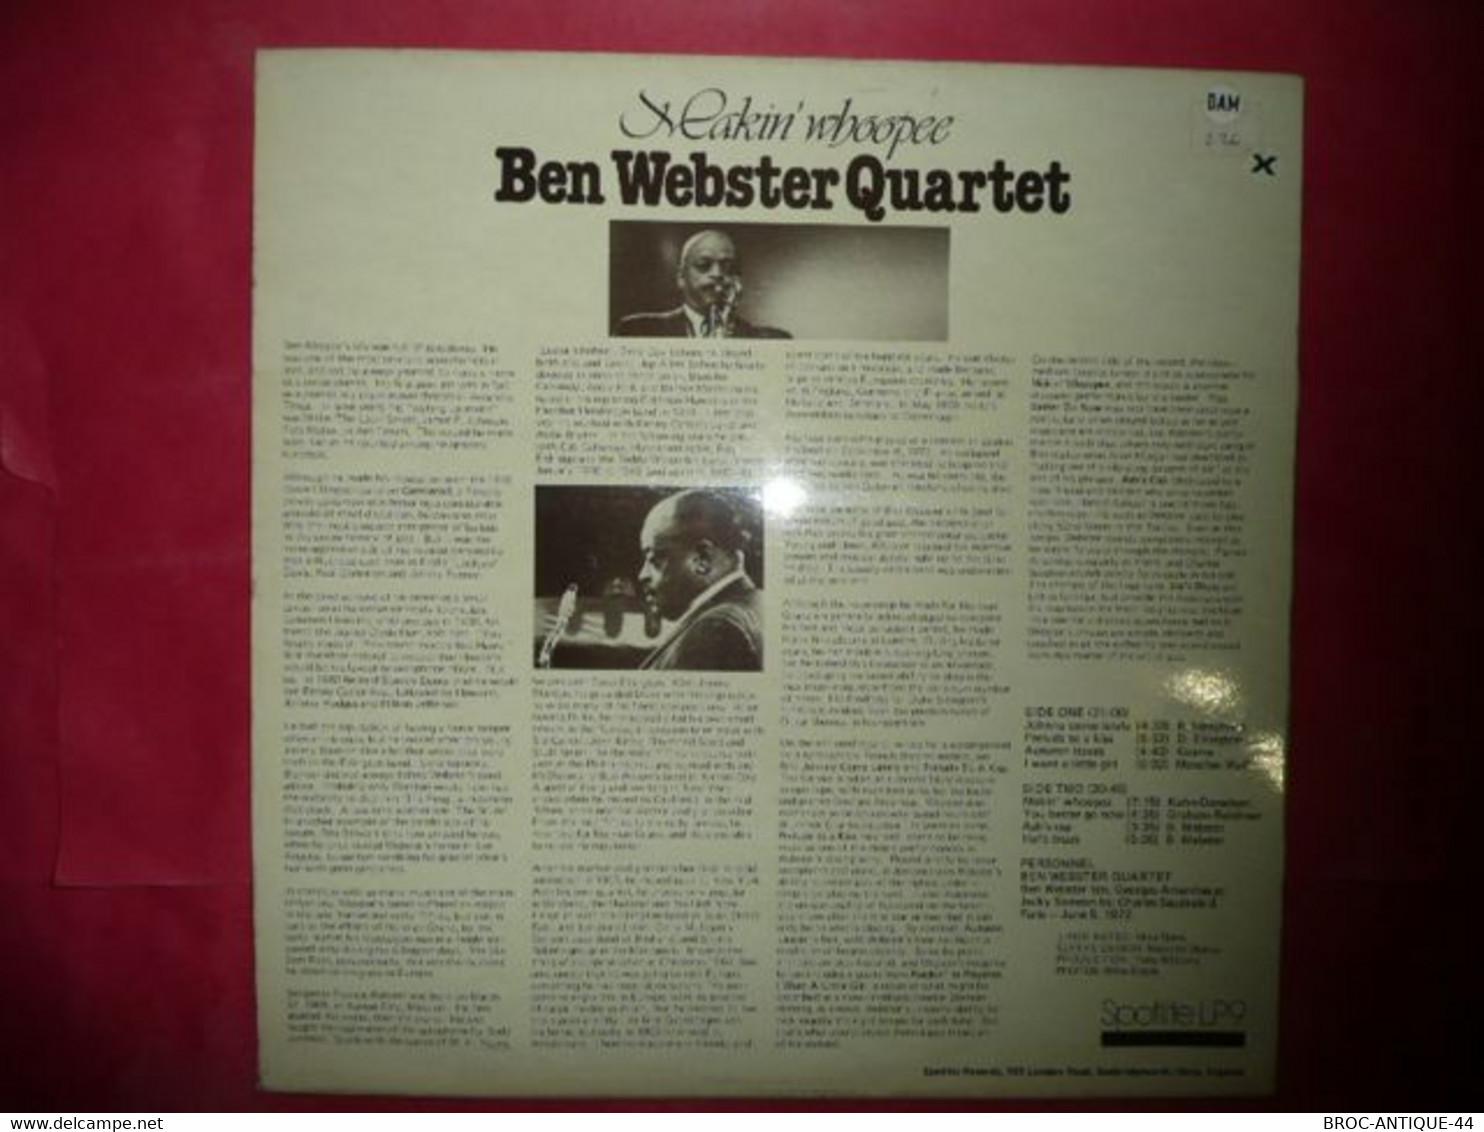 LP33 N°7930 - BEN WEBSTER QUARTET - LP 9 - MADE IN ENGLAND - Jazz